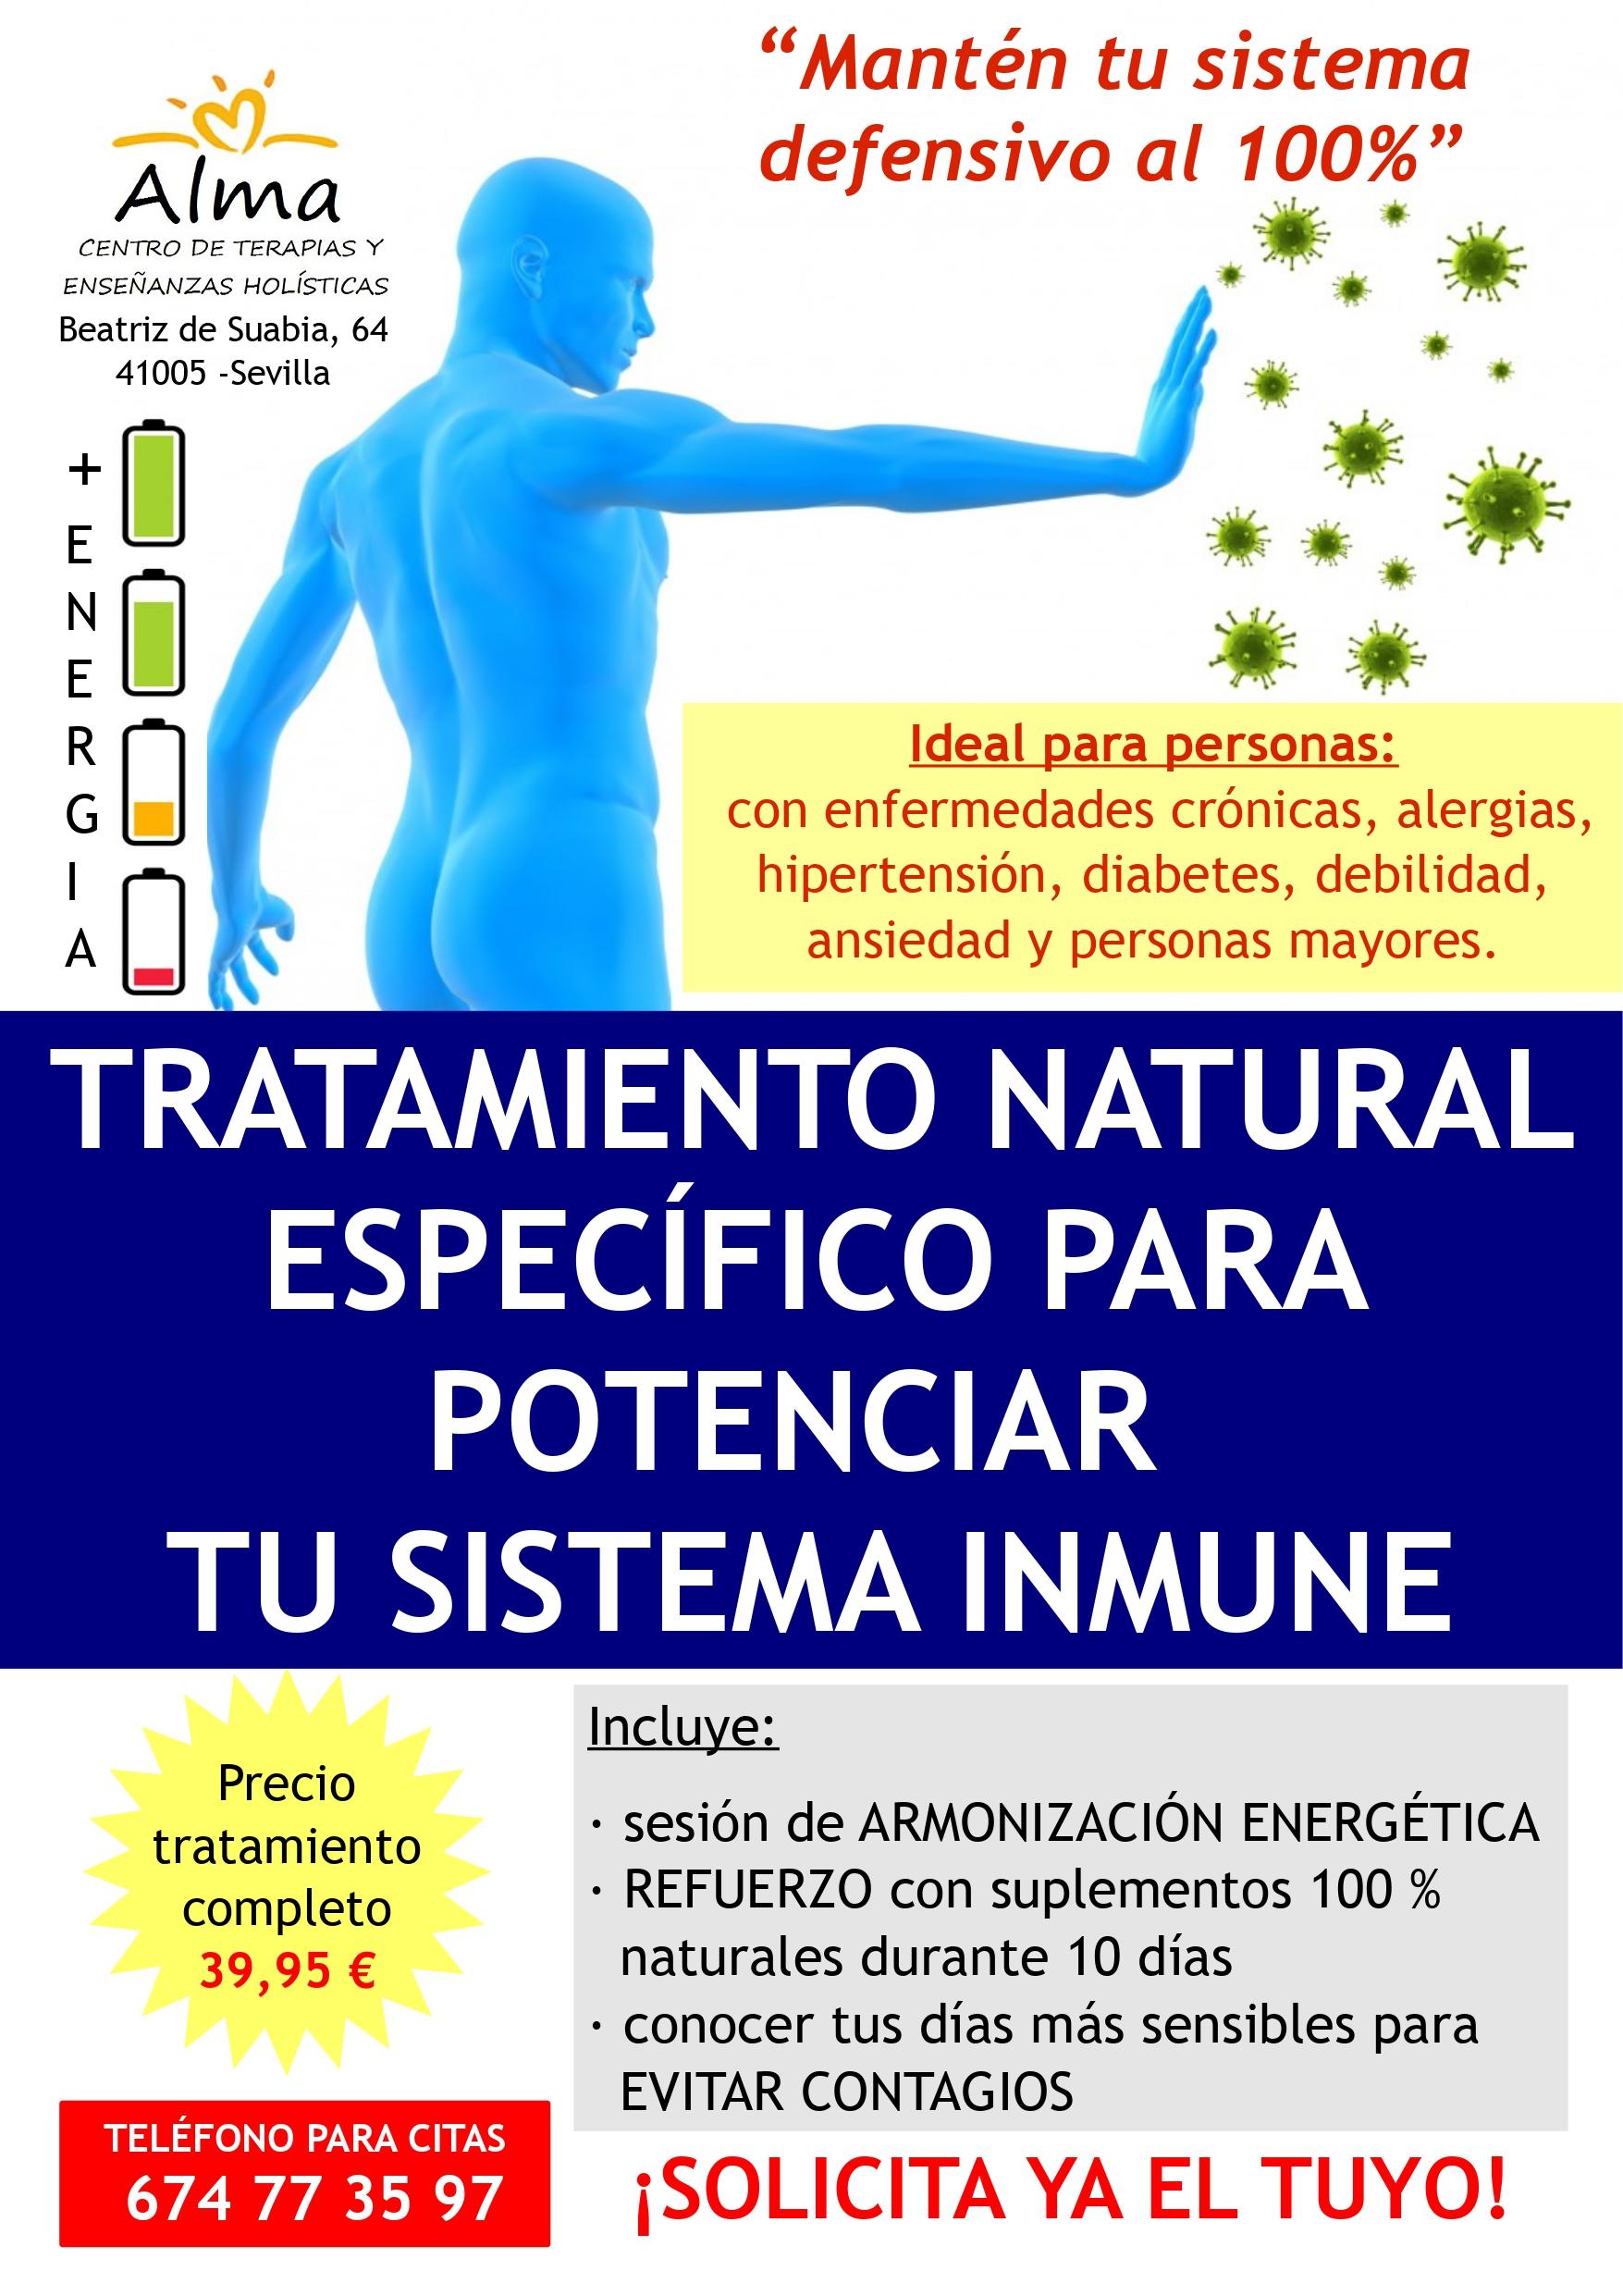 poster sistema inmune